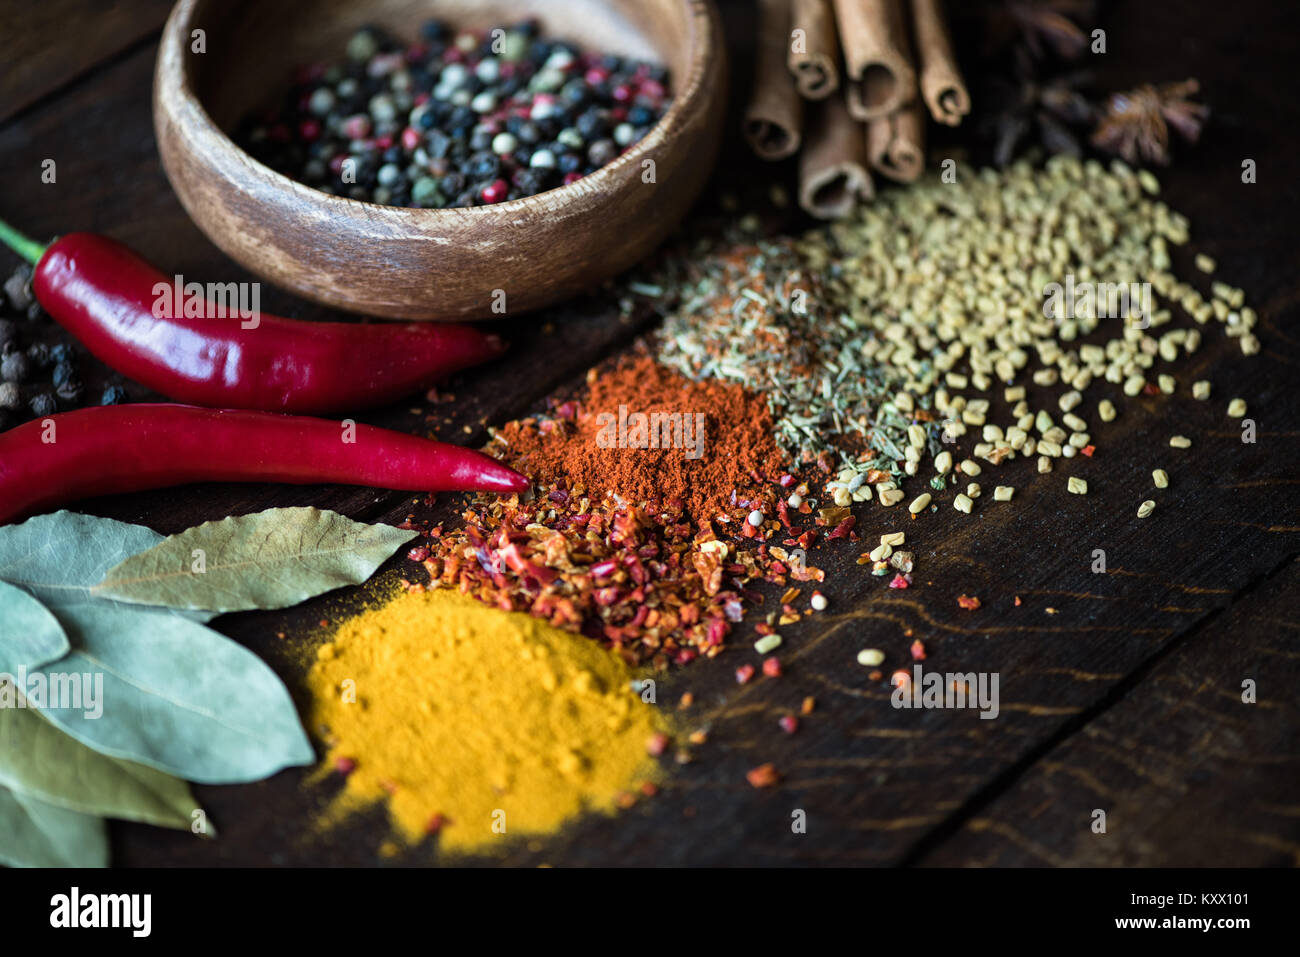 Nahaufnahme der Pfeffer in der Schüssel mit verstreuten Gewürze, Lorbeerblätter, chili peppers auf Stockbild